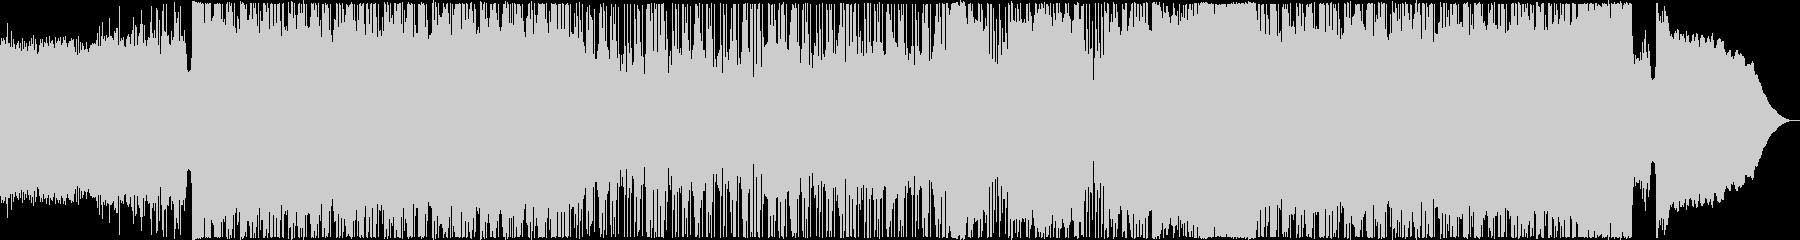 ノリノリのファンキーなメタルの未再生の波形